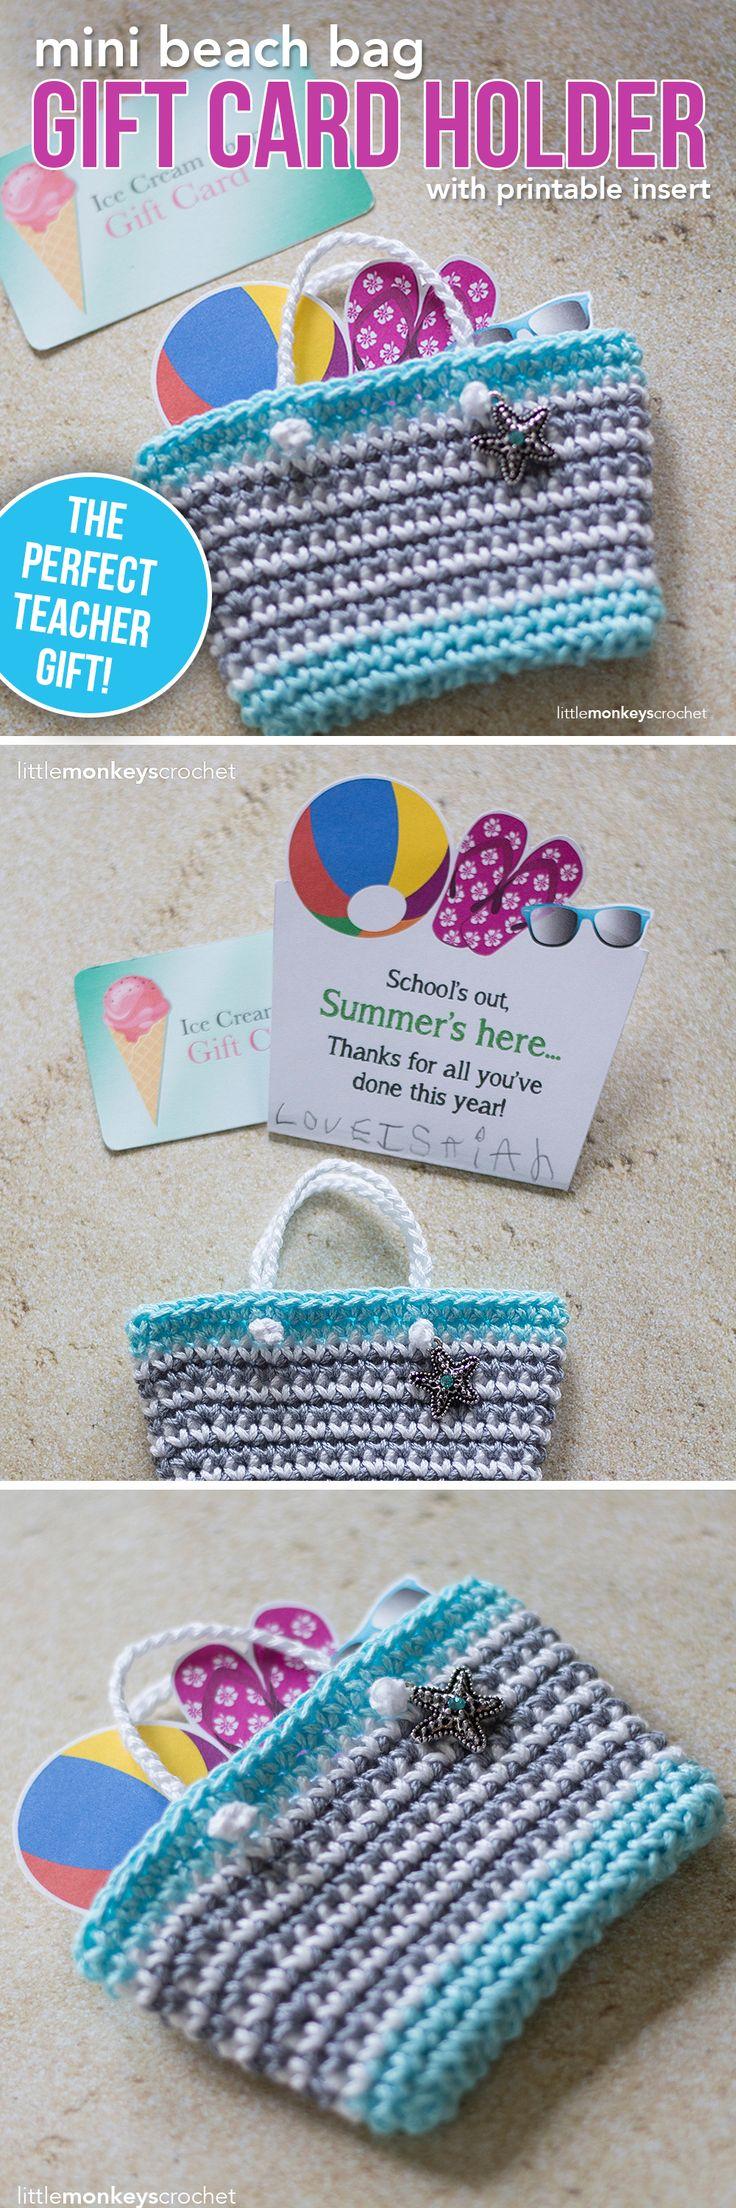 Mini Beach Bag Gift Card Holder Crochet Pattern | Little Monkeys Crochet | teacher gift | end of the school year | teacher crochet gift | 24/7 cotton yarn